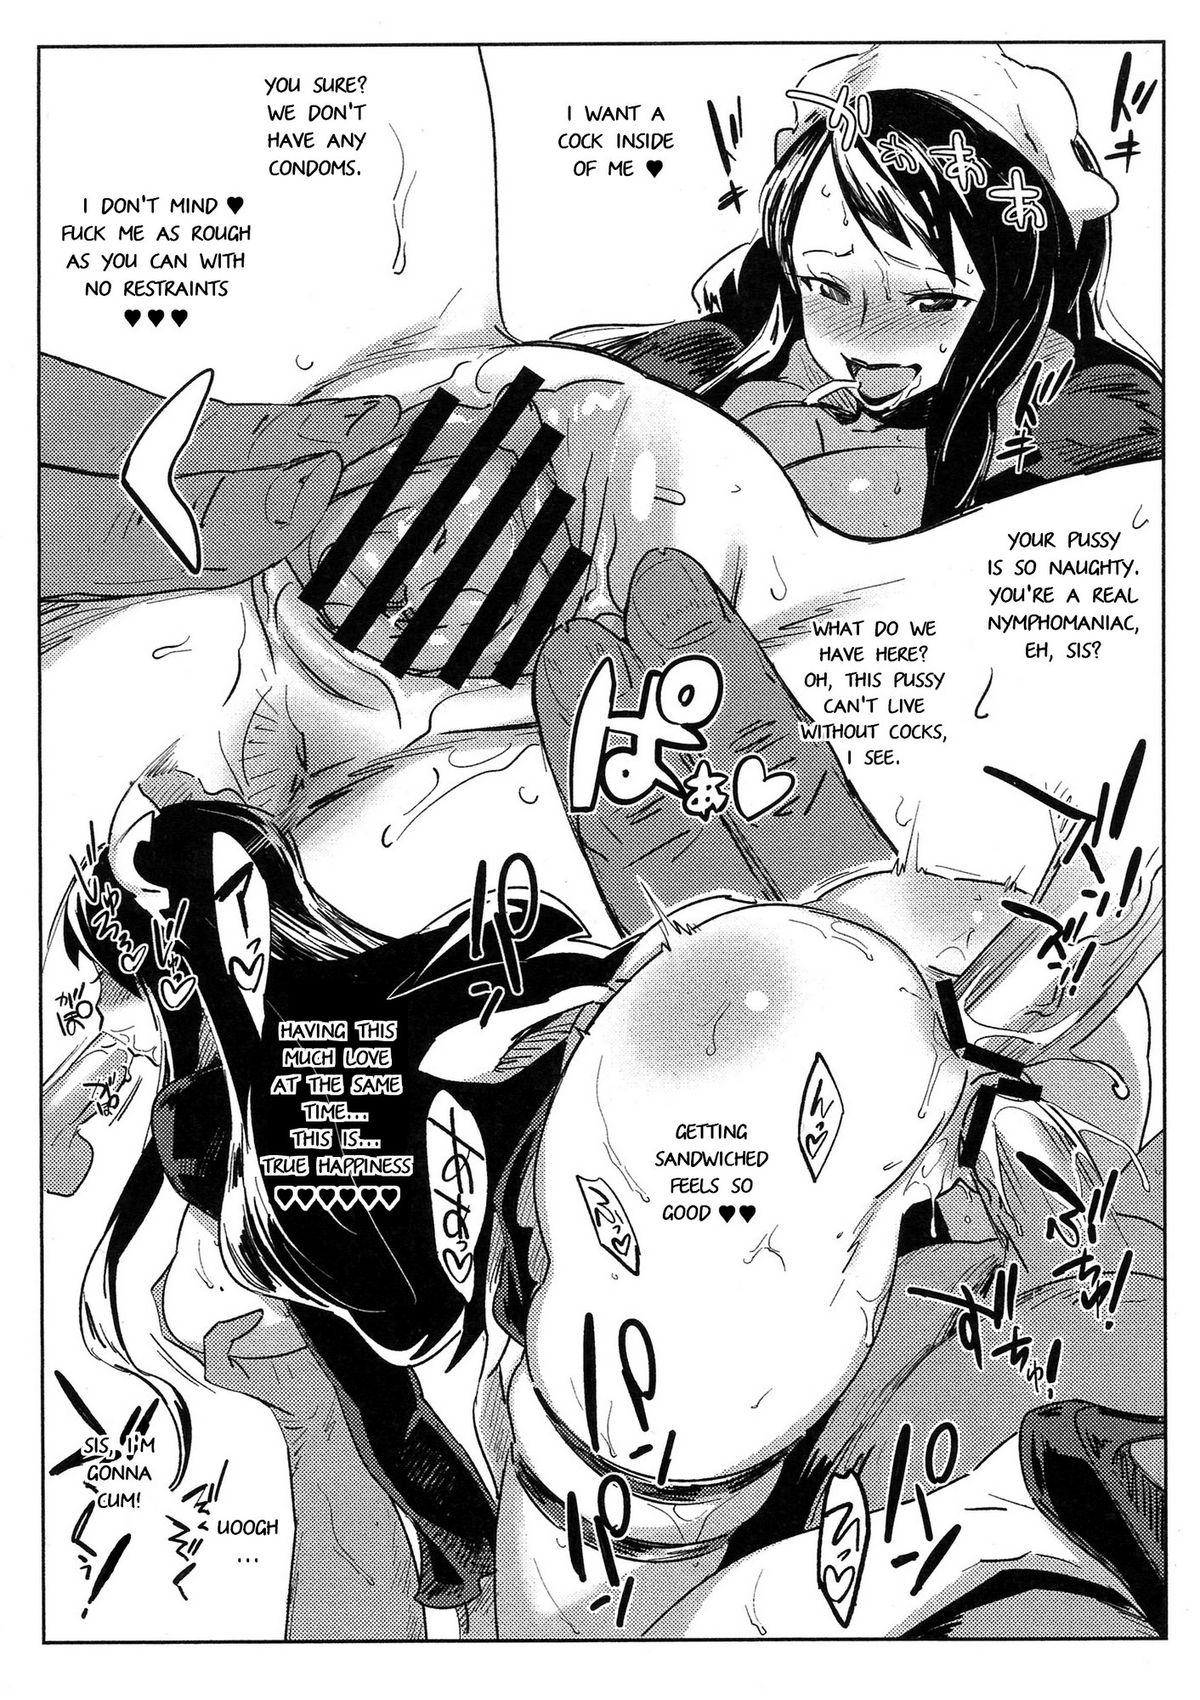 C83 Kaijou Gentei Orihon Baby 5-san wa Yarasero to Tanomeba Kotowarenai Seikaku. 2